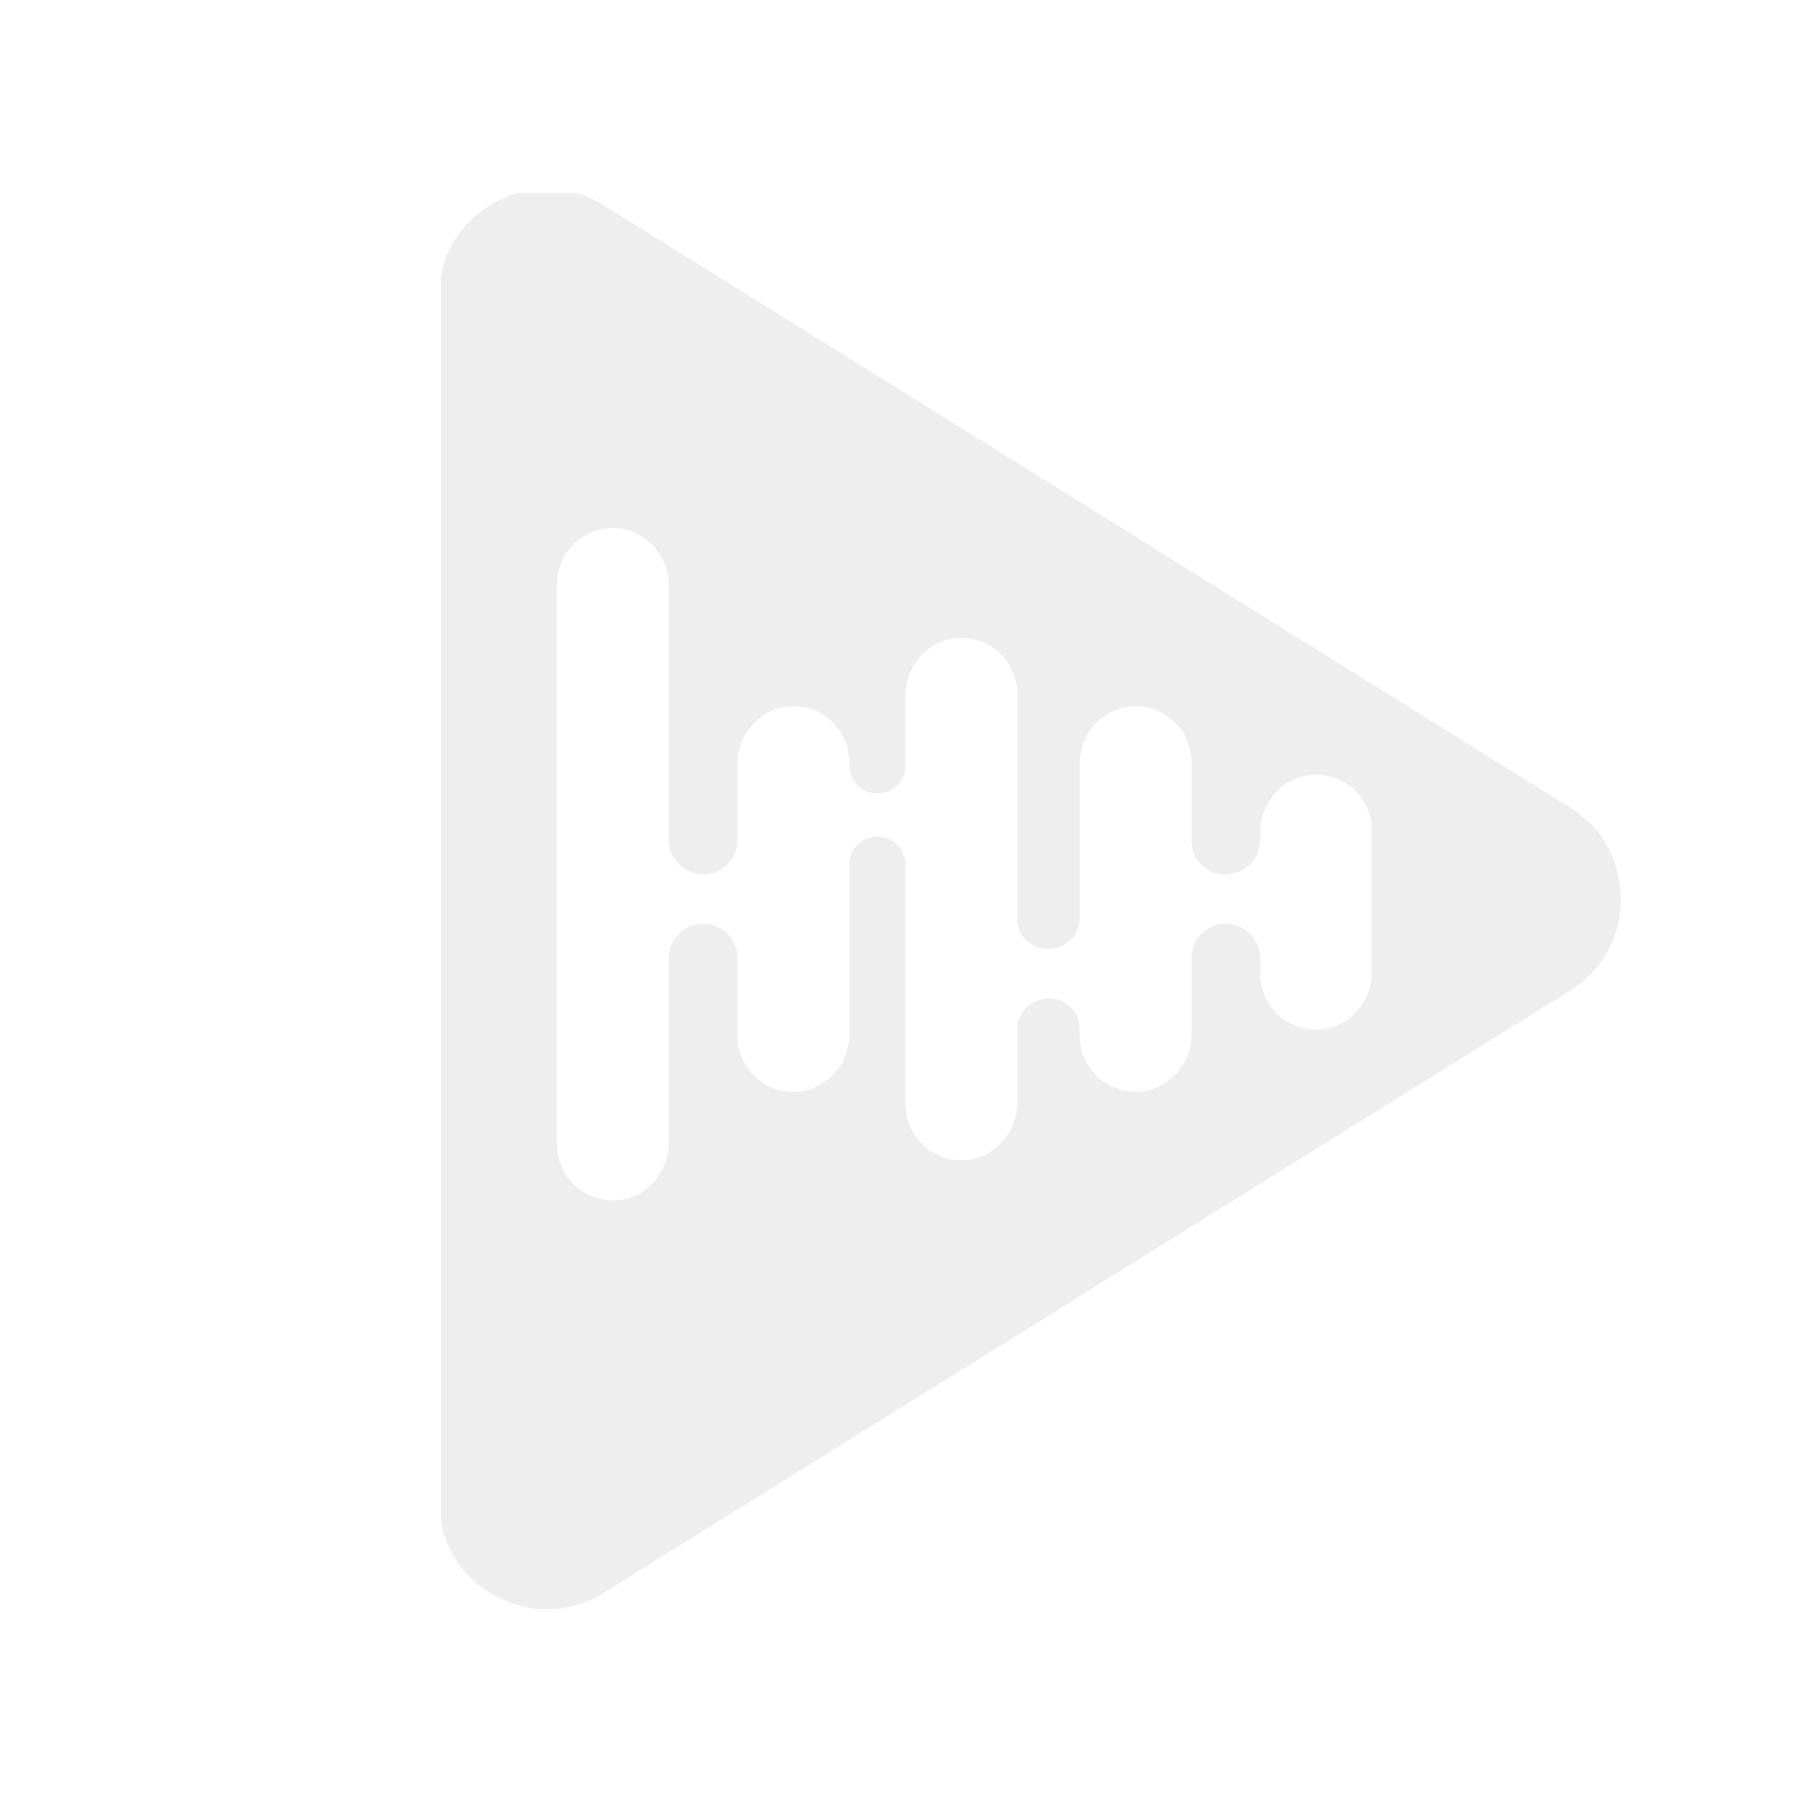 Canton DM 90.3 - Aktivt lydsystem med Bluetooth, apt-X (Hvit)